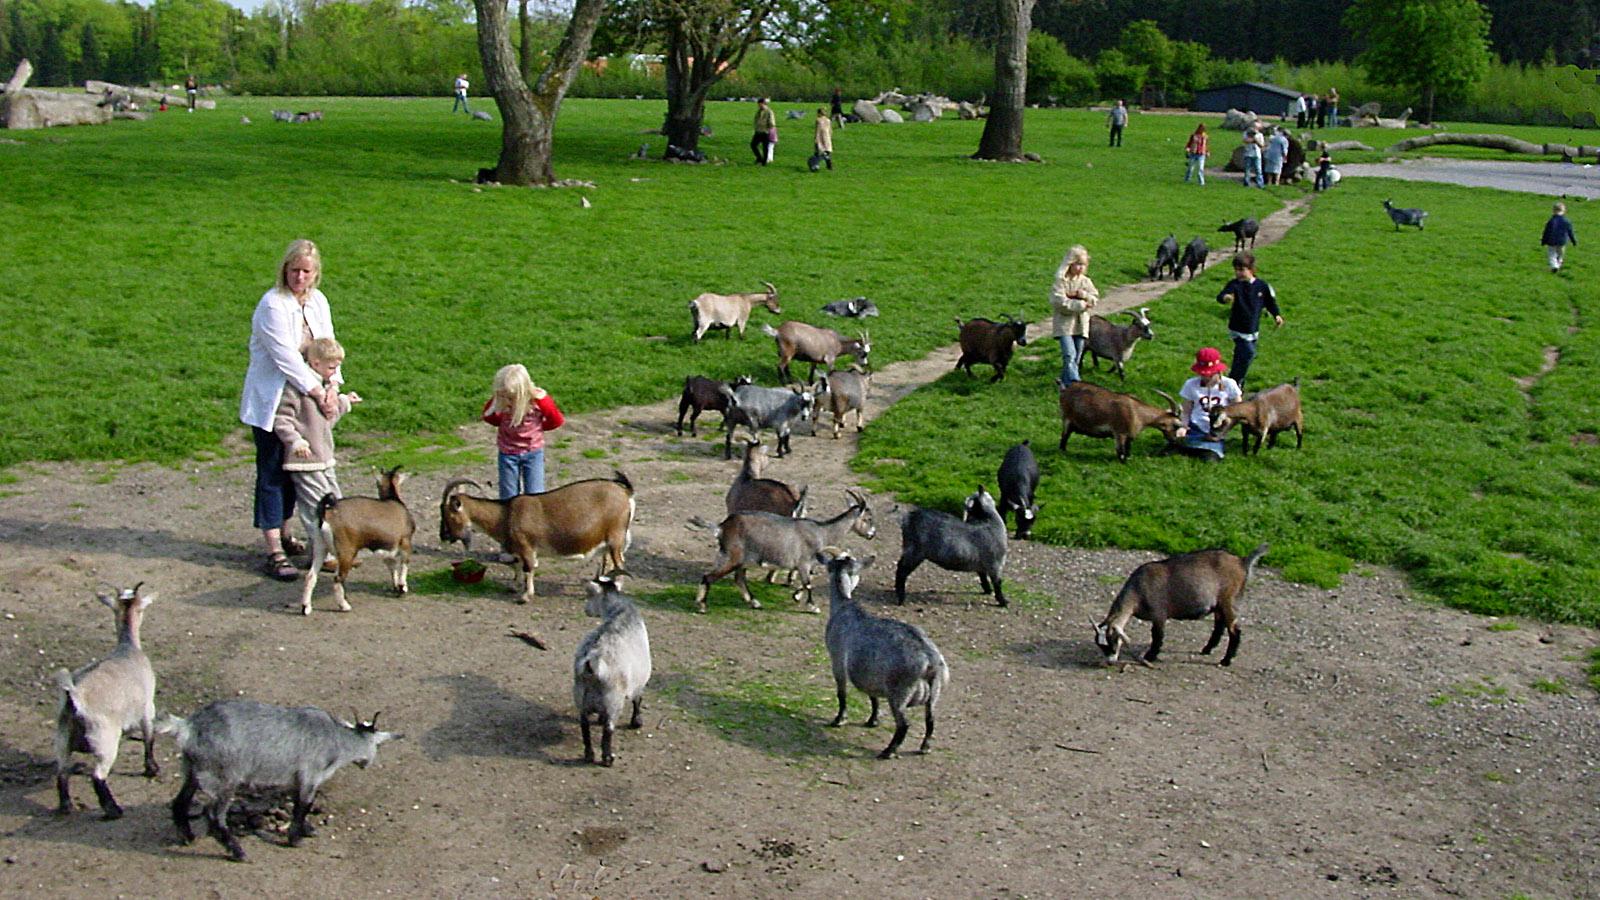 Rauf aufs Rad! Zu Knuthenborg gehört ein Streichelzoo für Kinder mit handzahmen Ziegen. Foto: Hilke Maunder